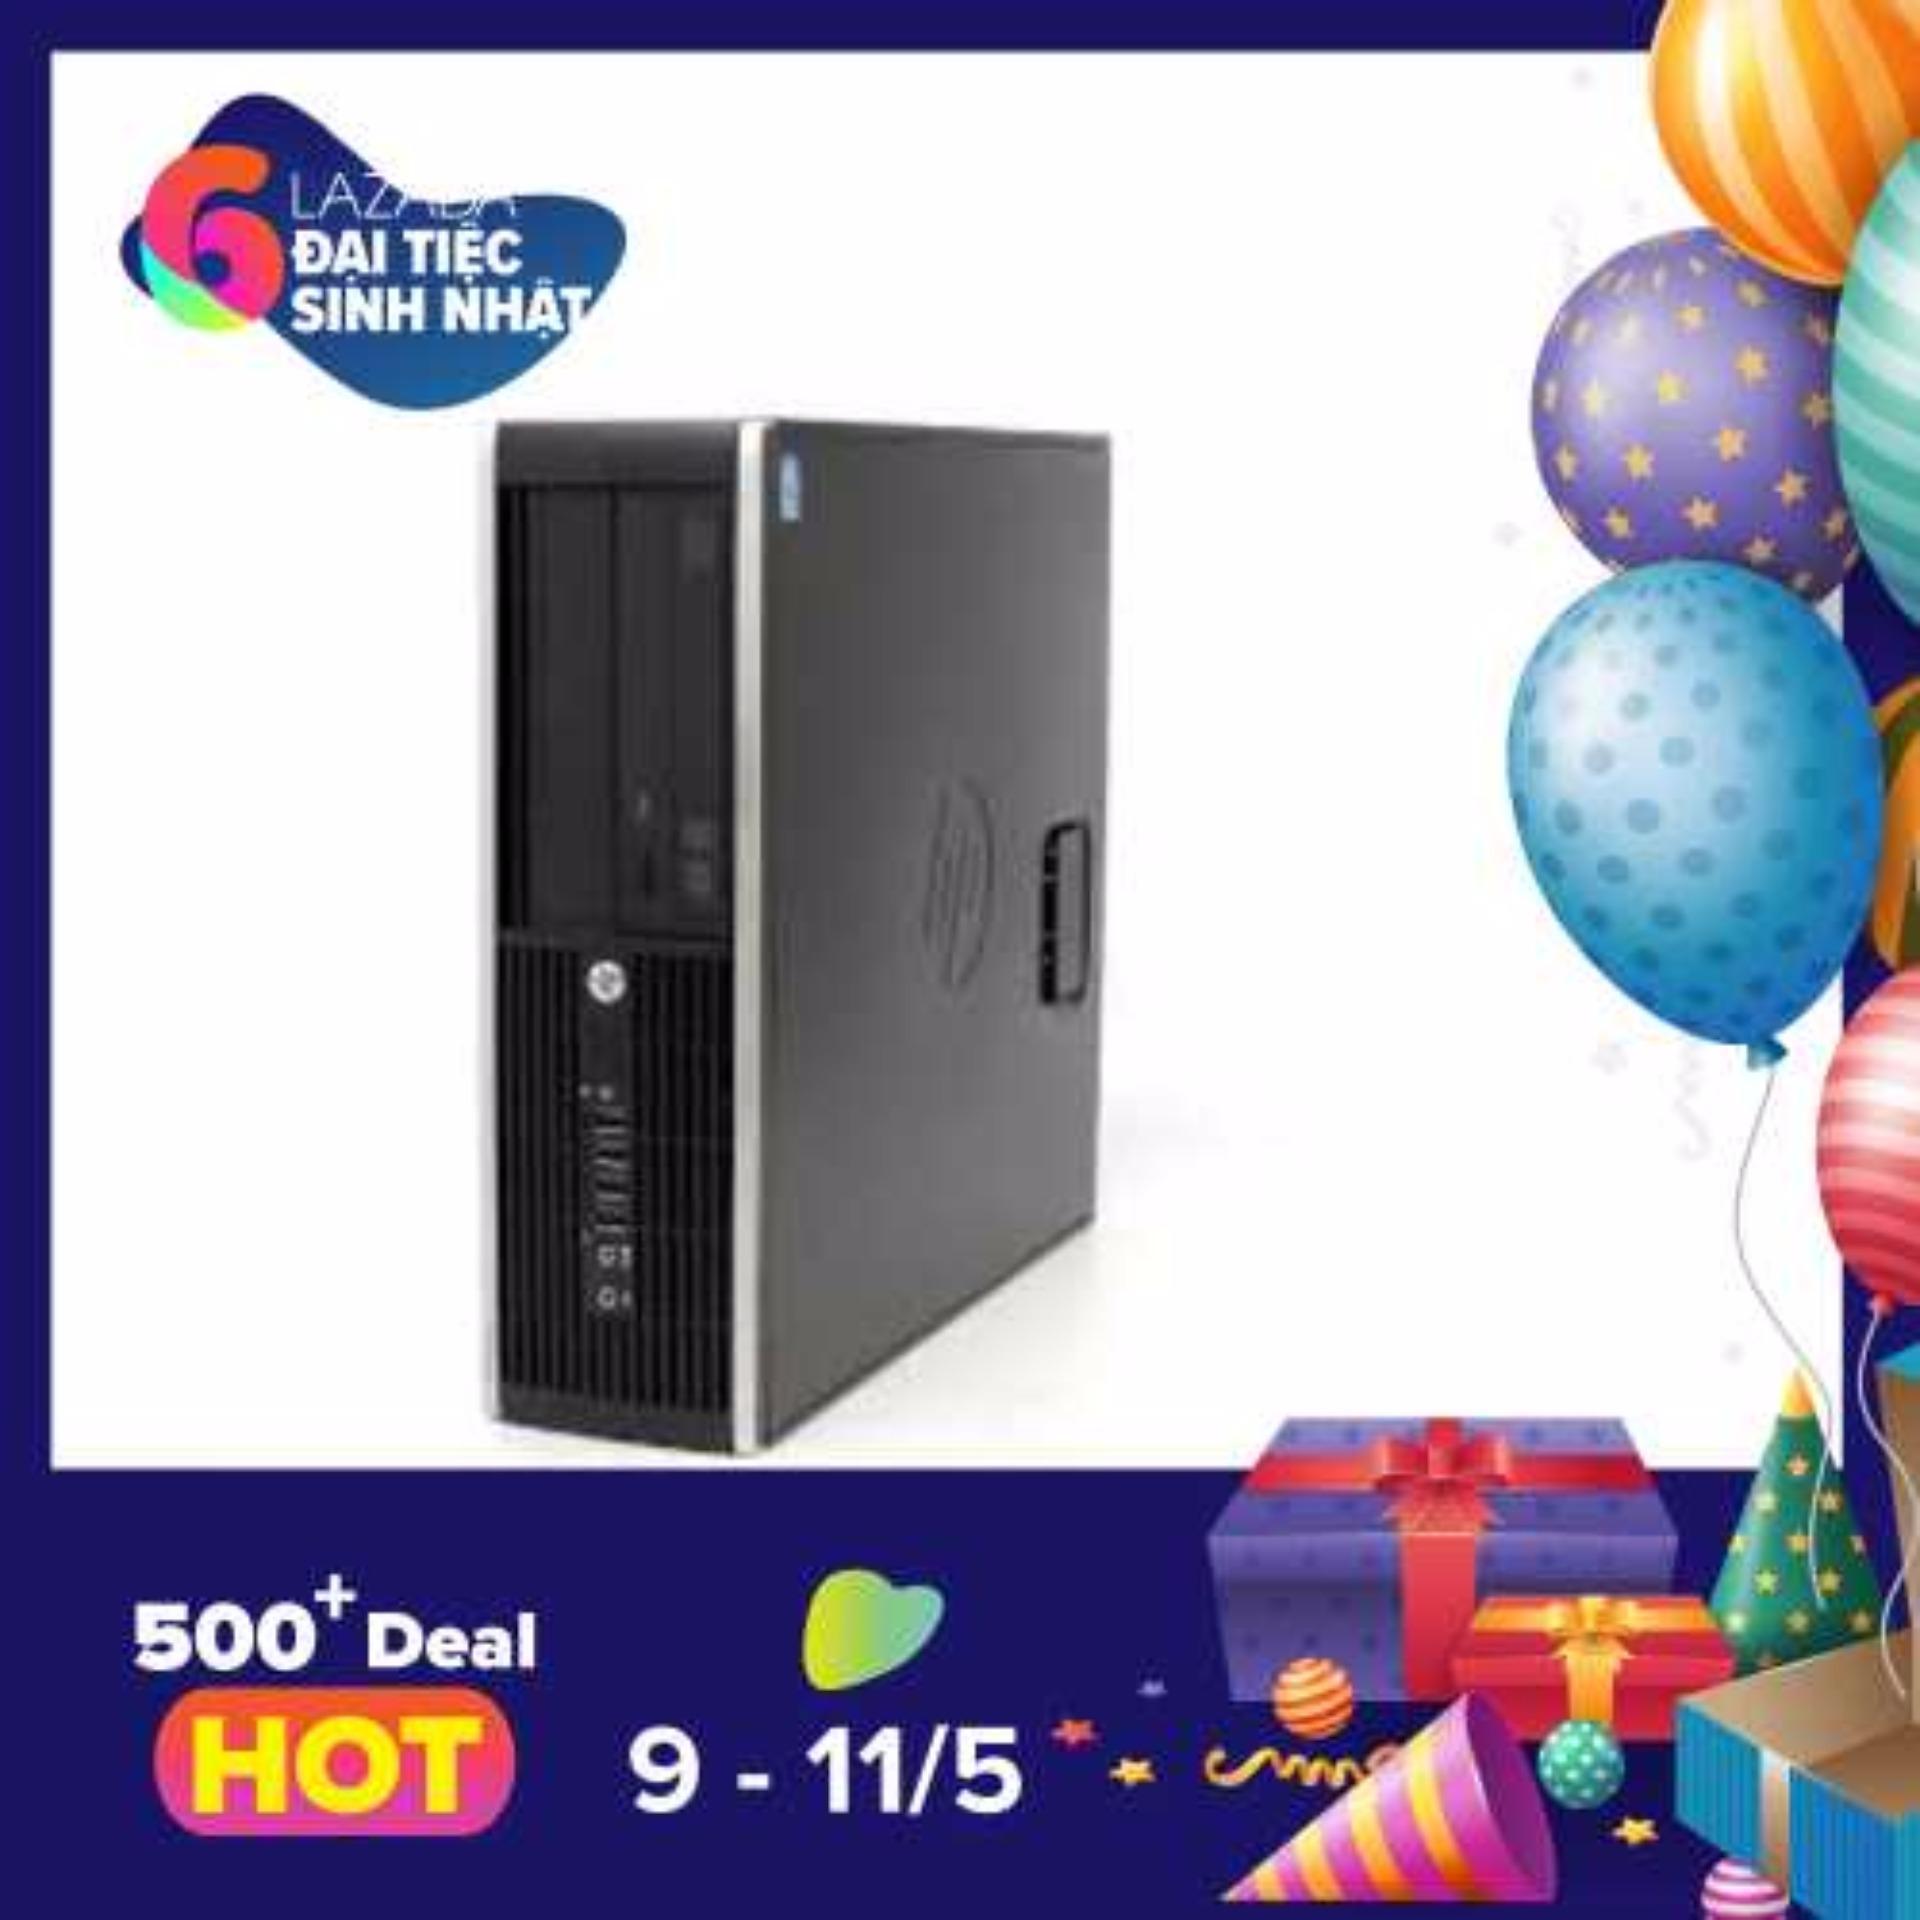 Bán Mua May Tinh Đồng Bộ Hp Compaq 6200 Core I3 Ram 4Gb Hdd 250Gb